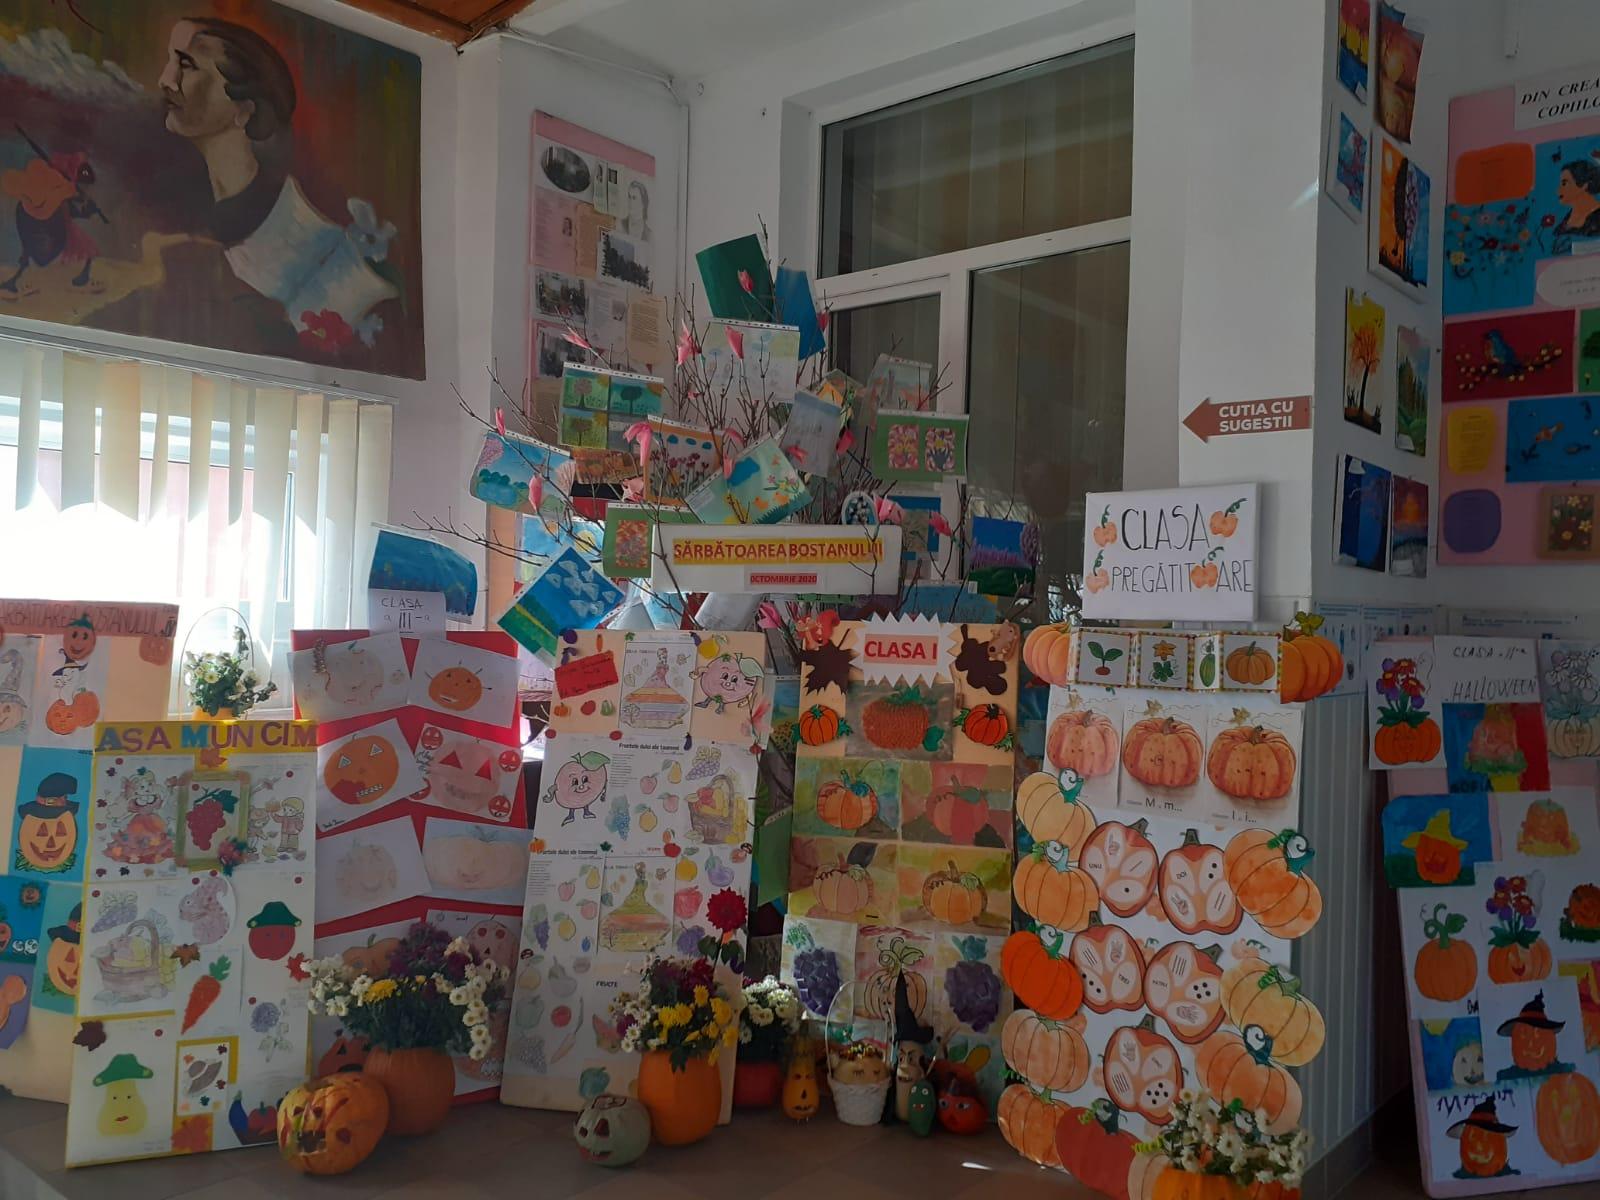 Sărbătoarea Bostanului, la Școala Cotu-Vameș